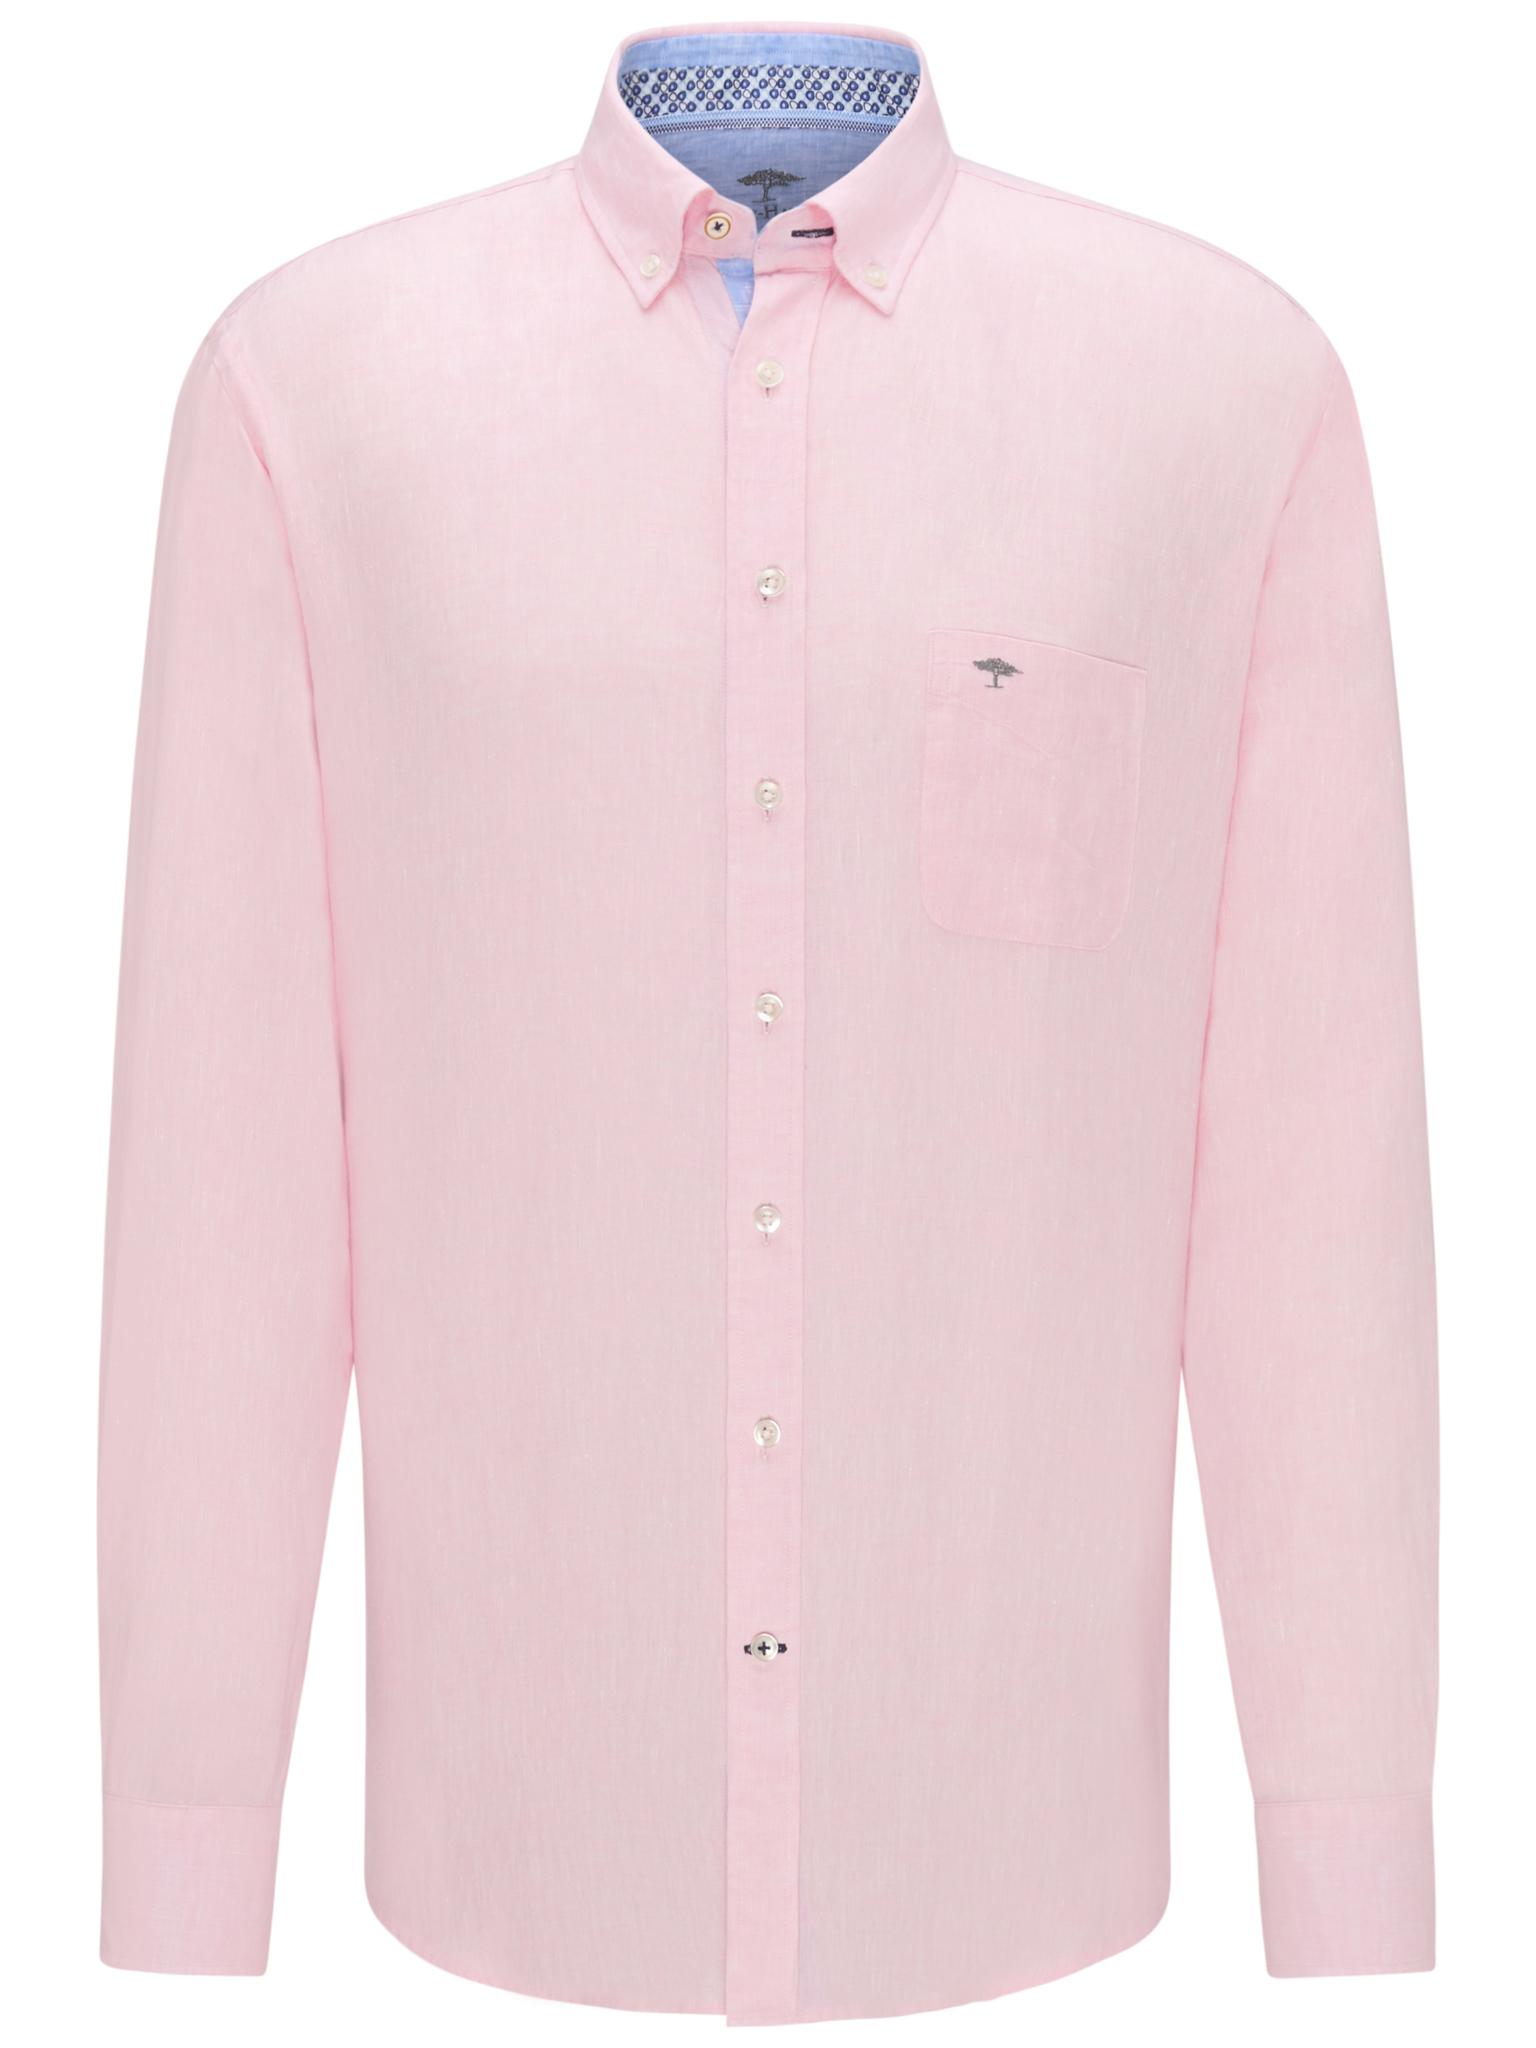 Fynch Hatton light pink linen shirt